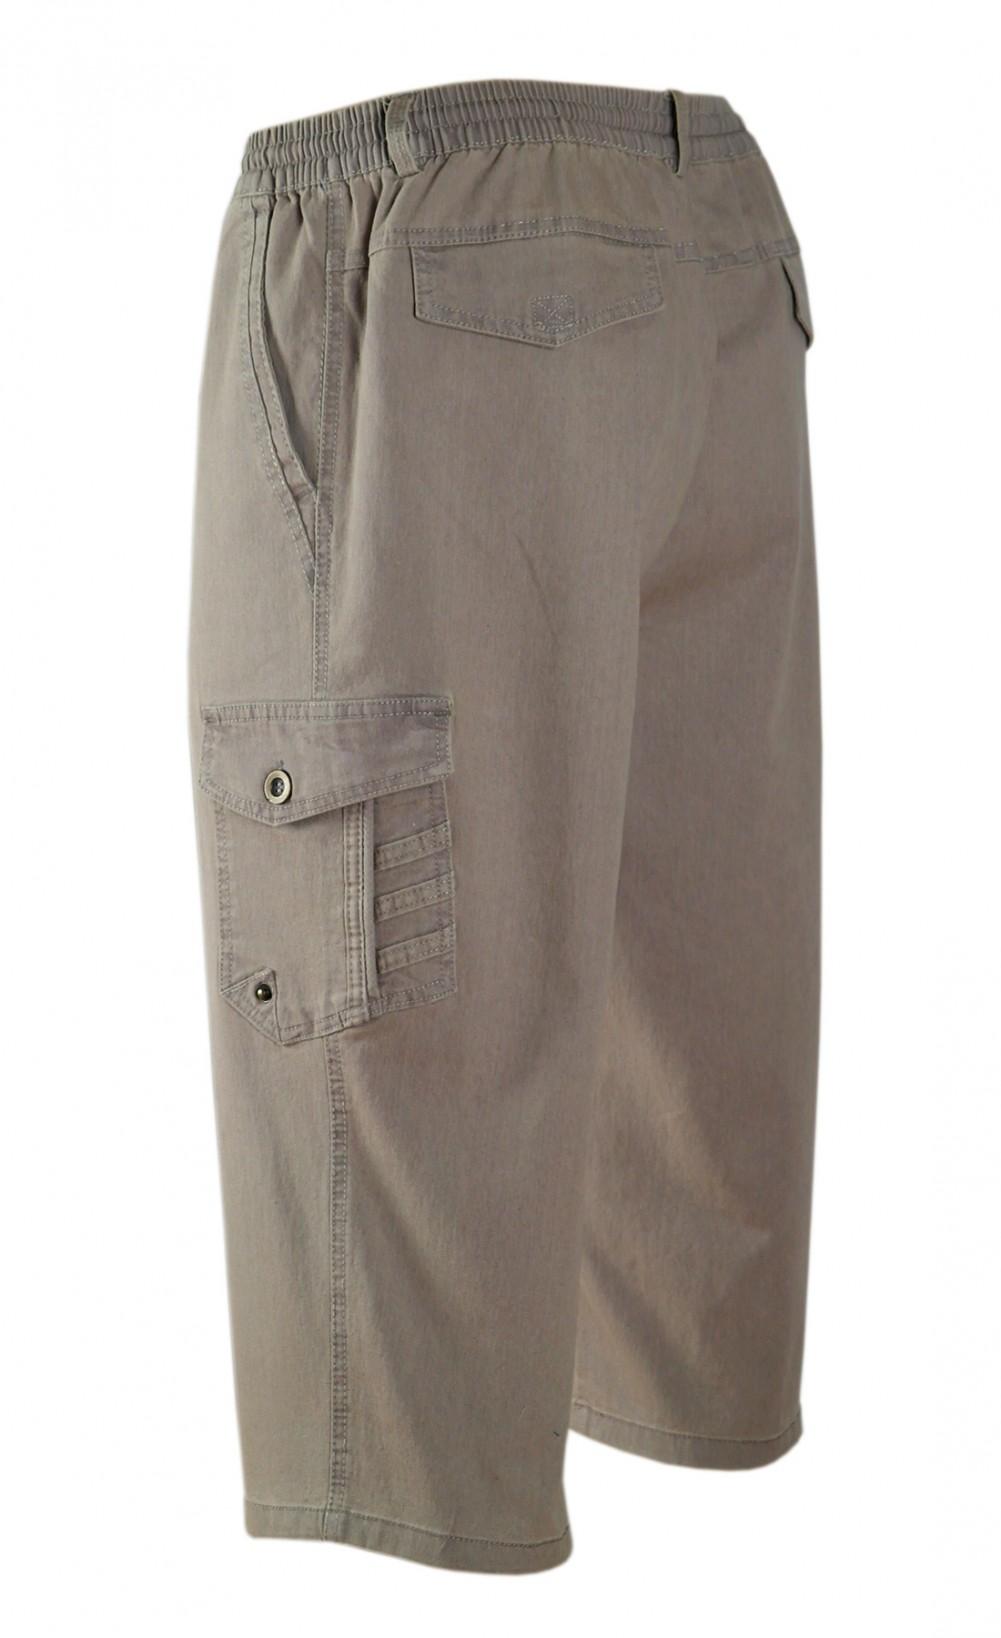 Stretch Caprijeans, 3/4 Cargo Shorts - Wadenlange Schlupfjeans Bermuda Herren - Beige